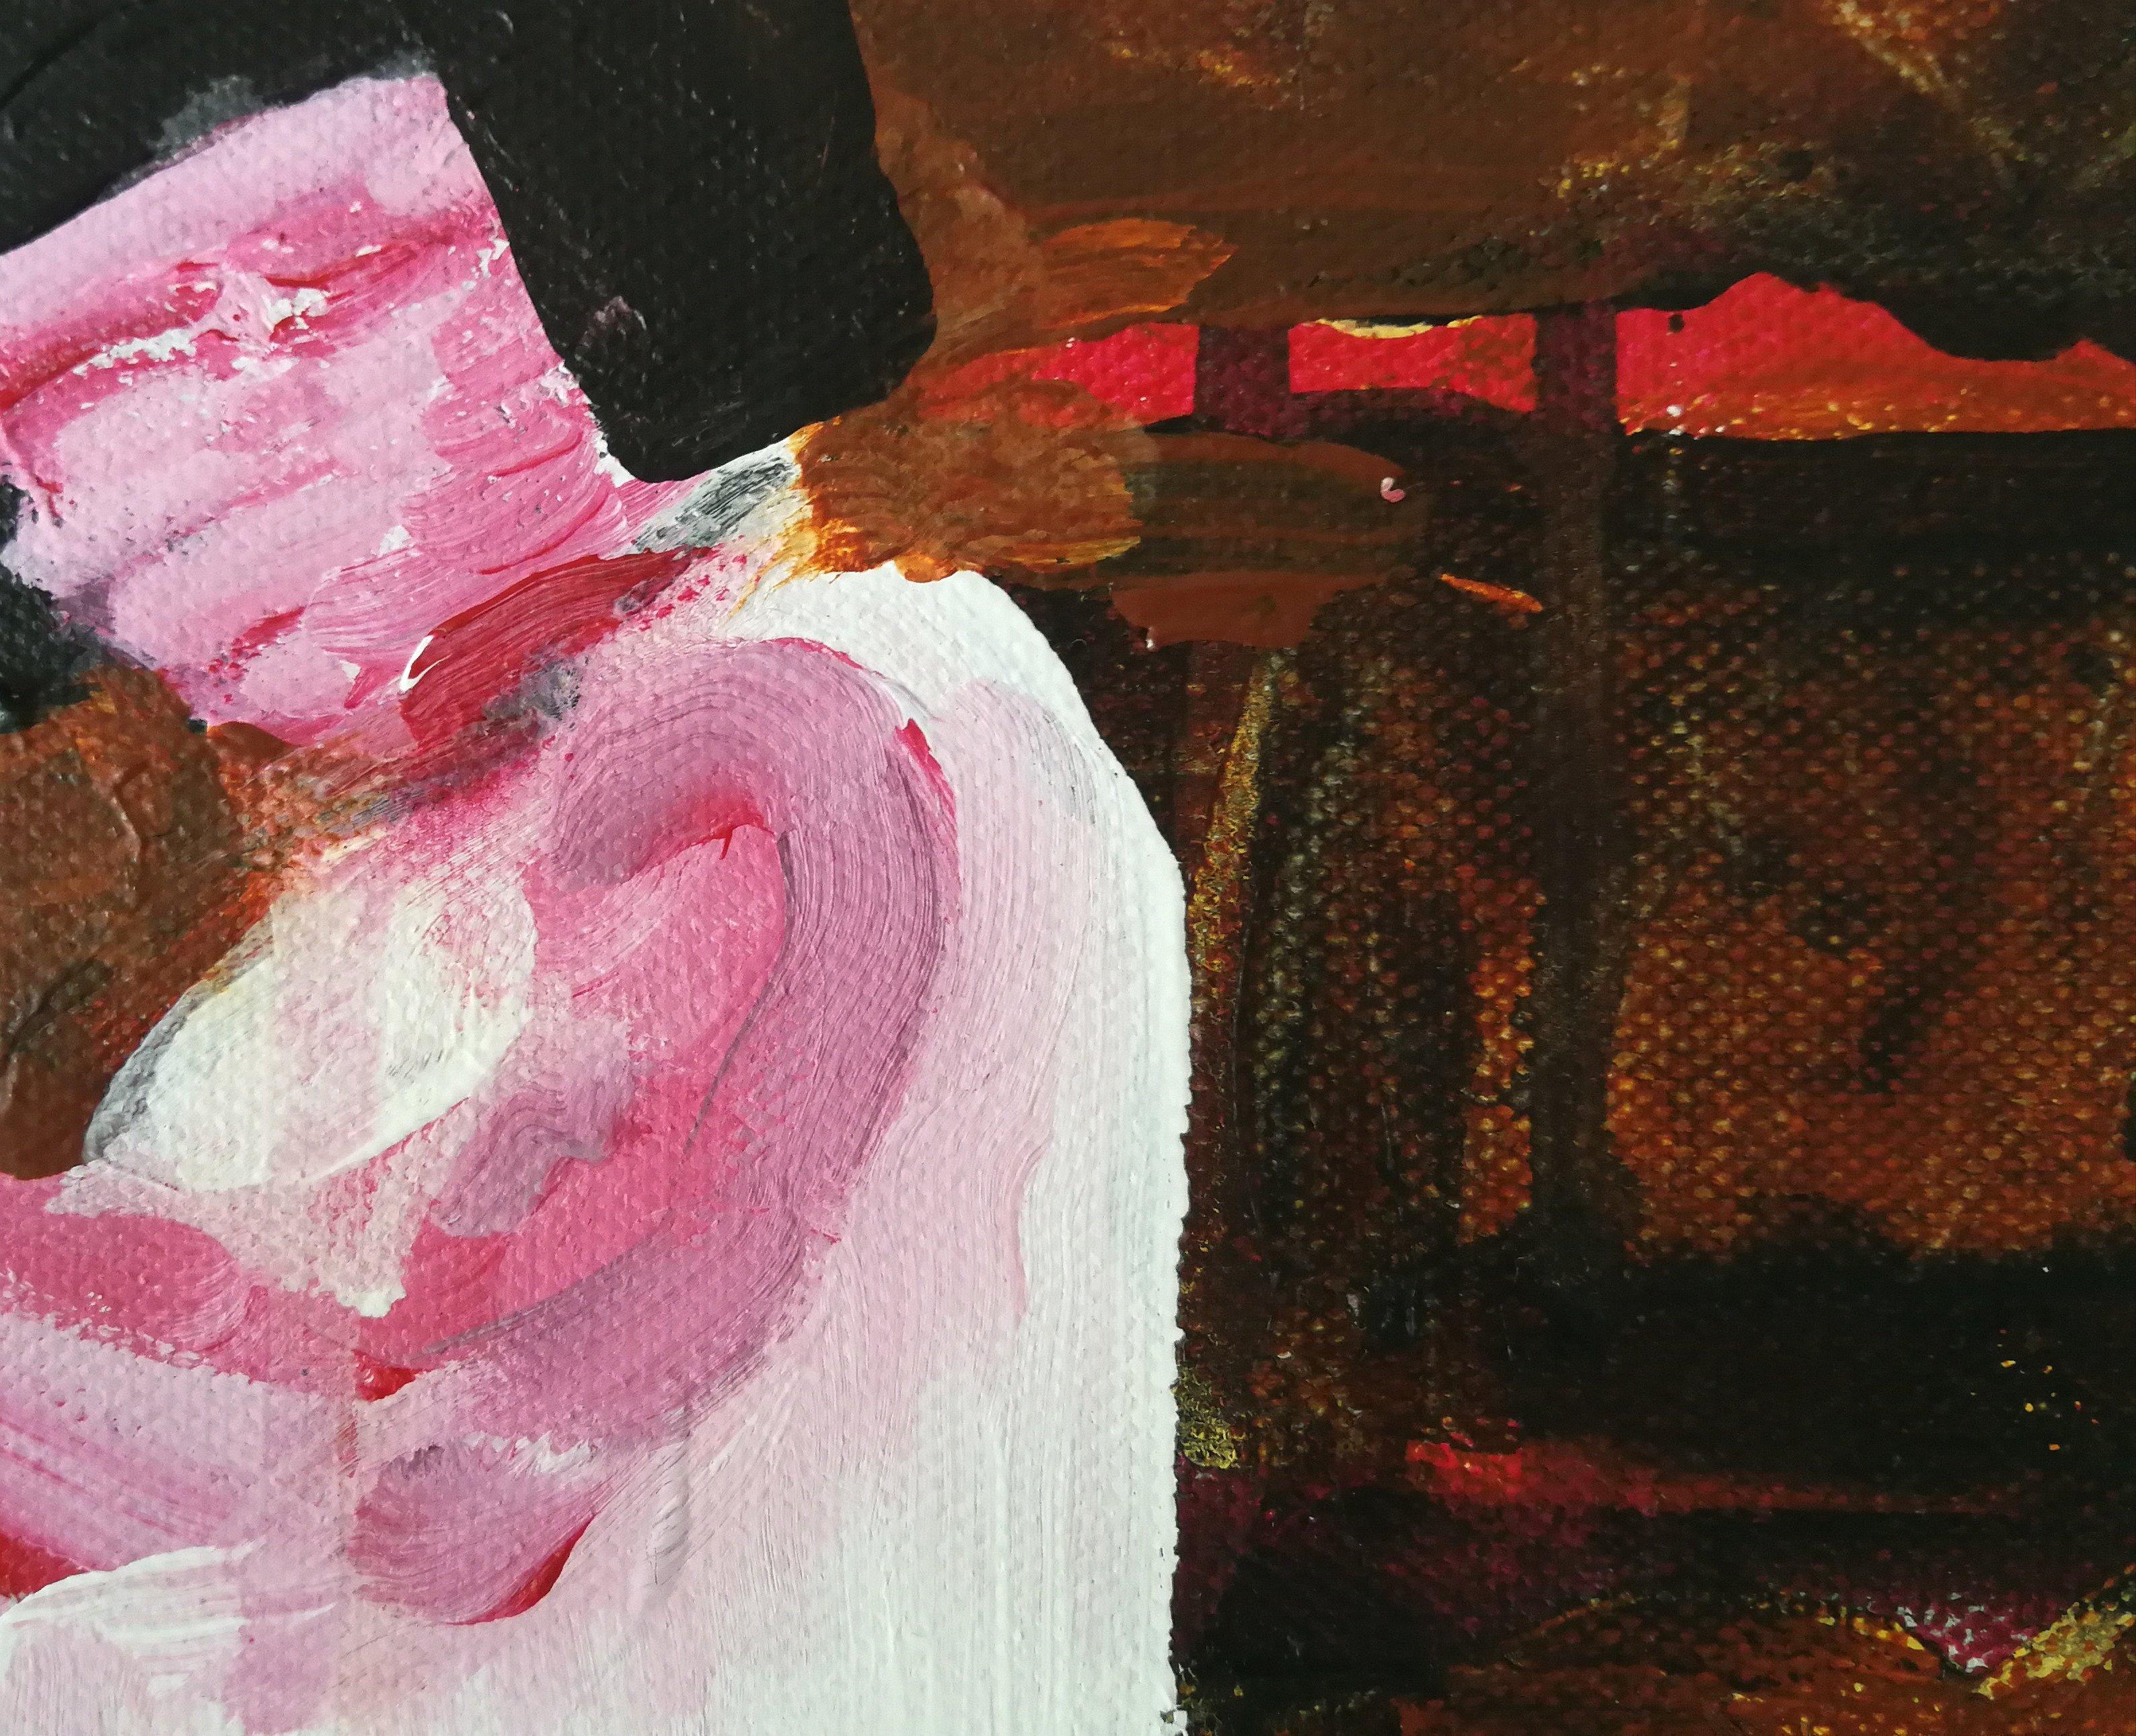 malerier, ekspressionistiske, figurative, kroppe, bevægelse, mennesker, sport, beige, sorte, blå, røde, akryl,  bomuldslærred, samtidskunst, dekorative, ekspressionisme, kvindelig, feminist, interiør, bolig-indretning, moderne, moderne-kunst, kvinder, Køb original kunst og kunstplakater. Malerier, tegninger, limited edition kunsttryk & plakater af dygtige kunstnere.